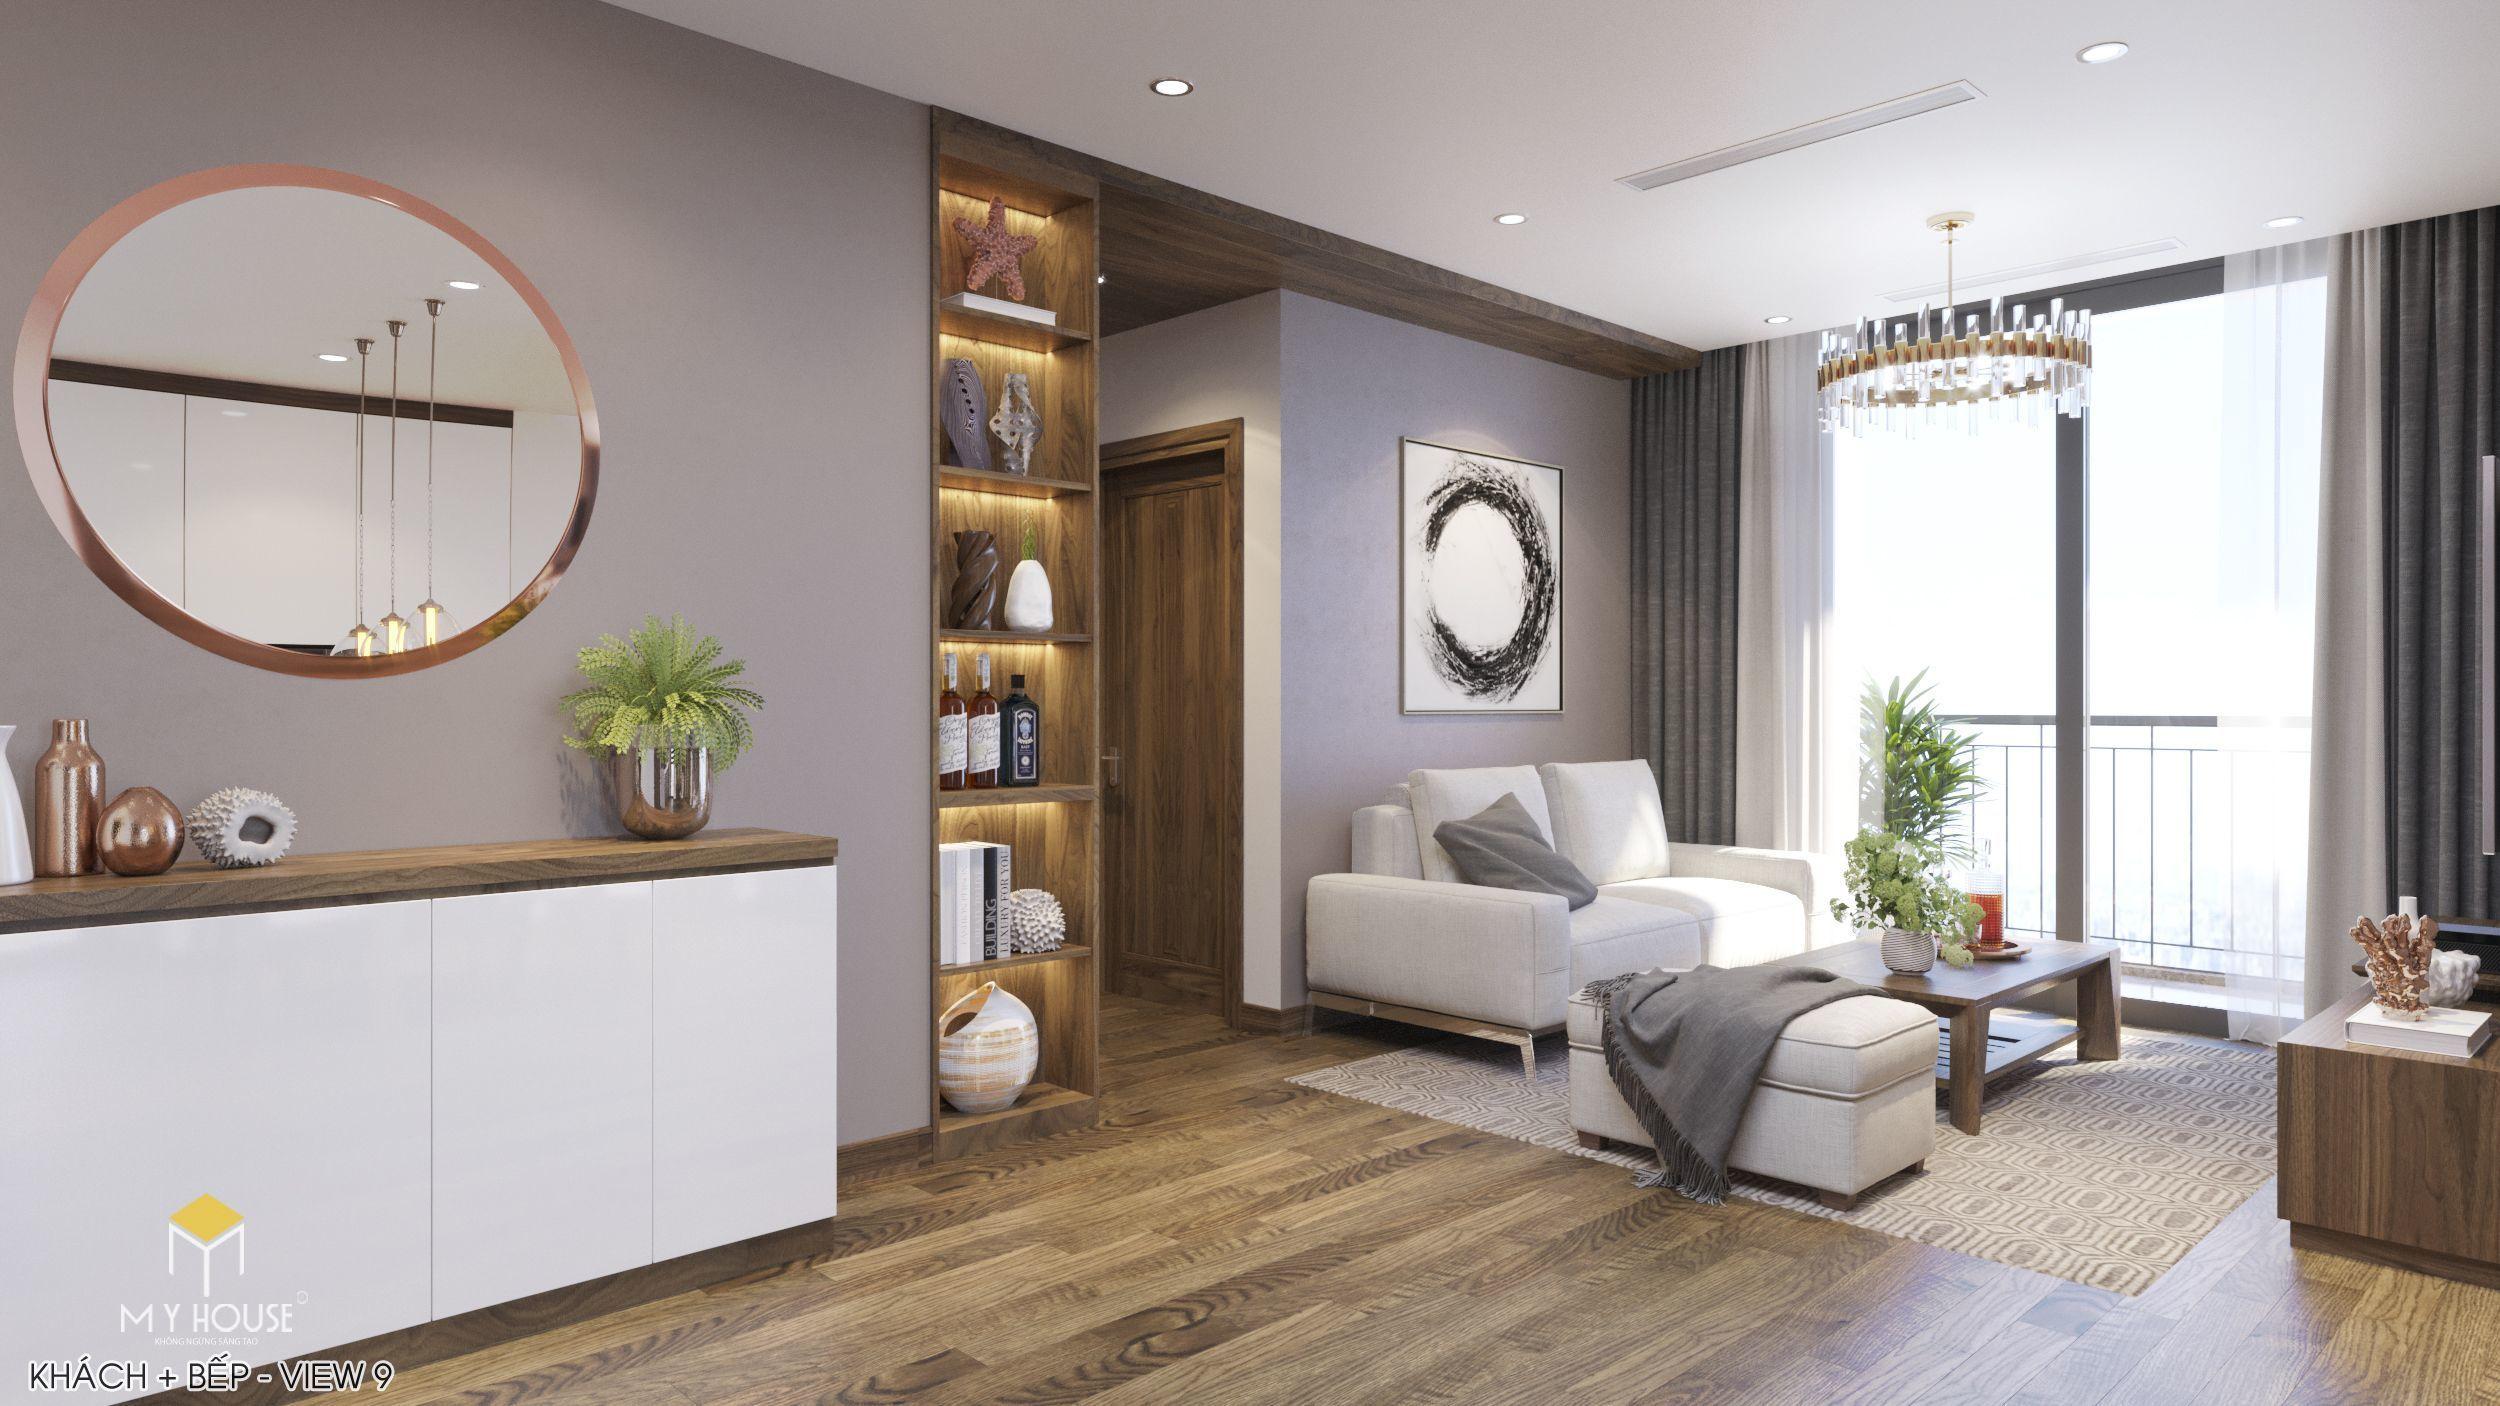 Nội thất phòng khách cao cấp phong cách hiện đại-view 2